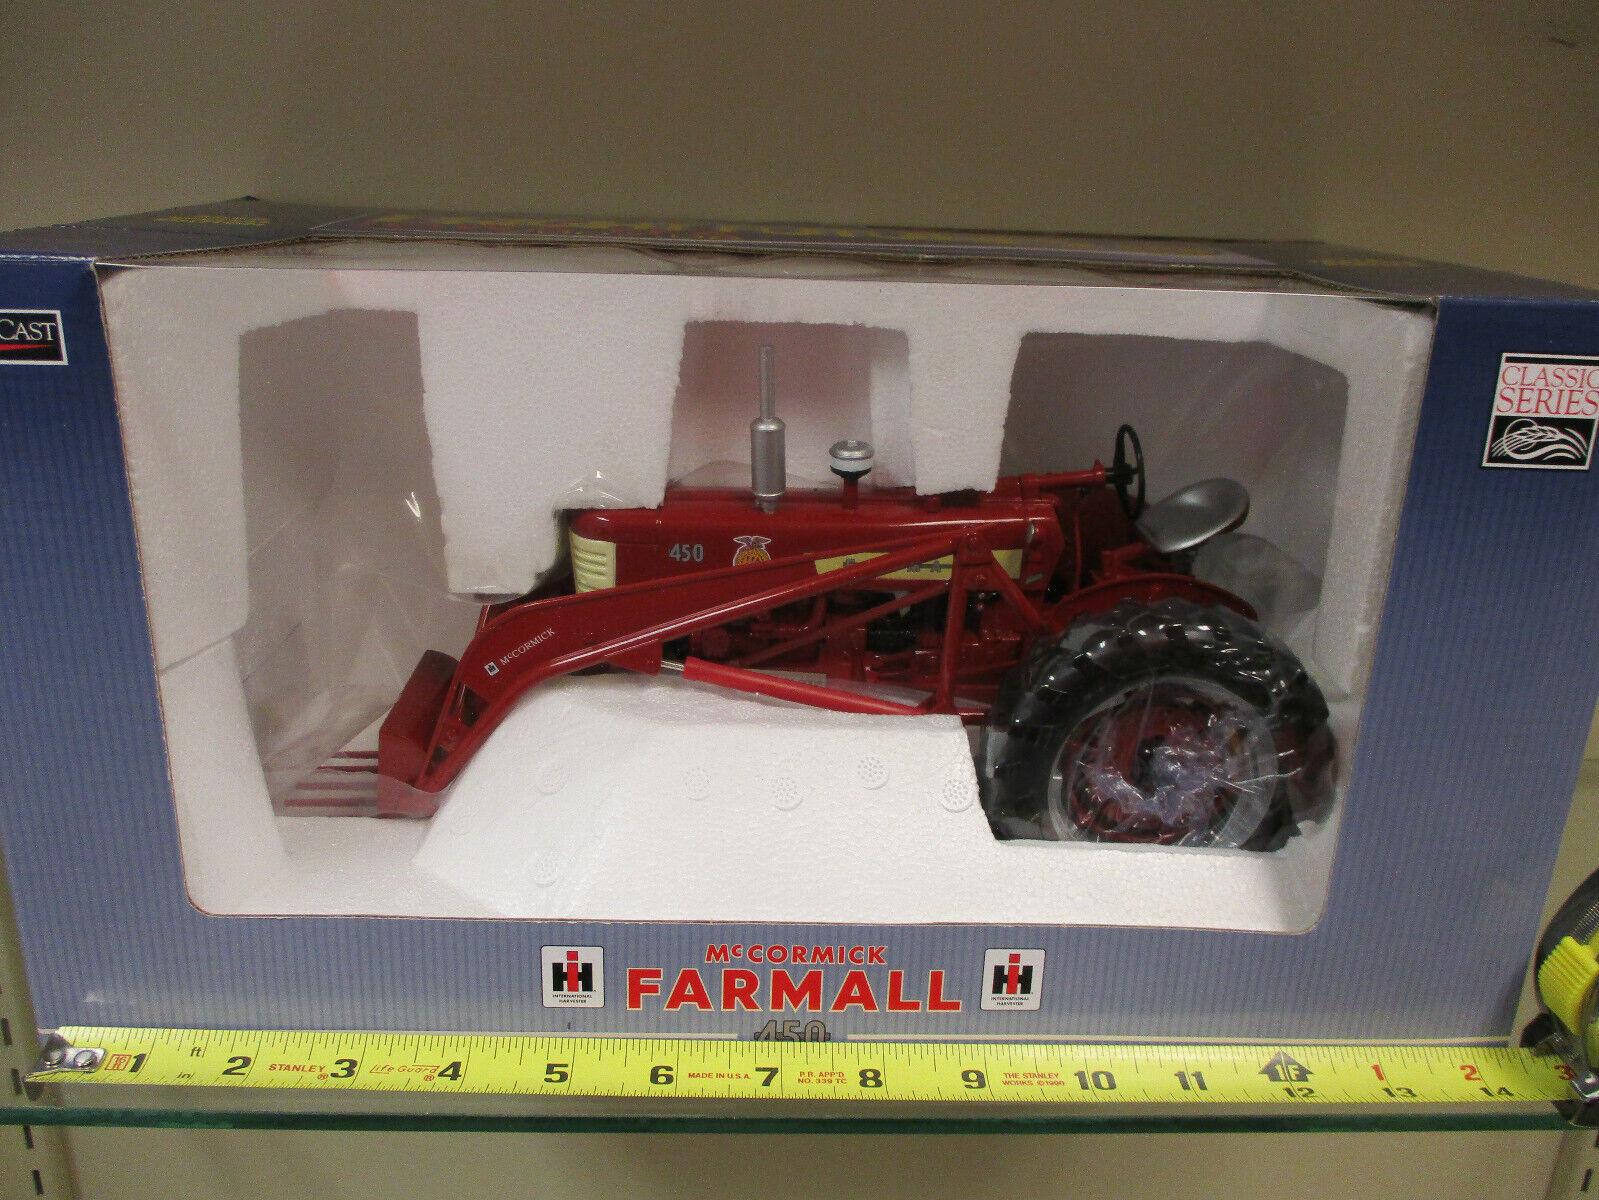 Farmall 450 w  Loader 2008 Iowa FFA Special Edition by SpecCast 1 16th Scale